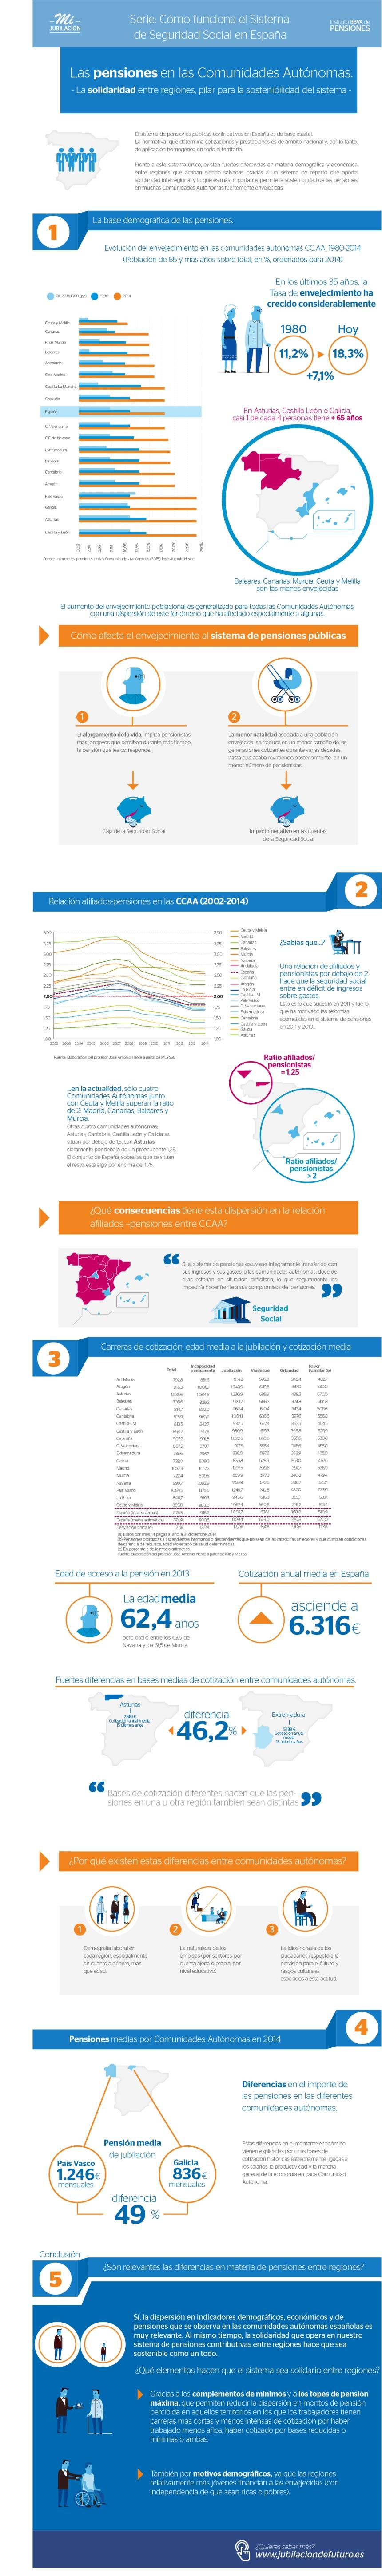 Cómo funciona el sistema de Seguridad Social en España